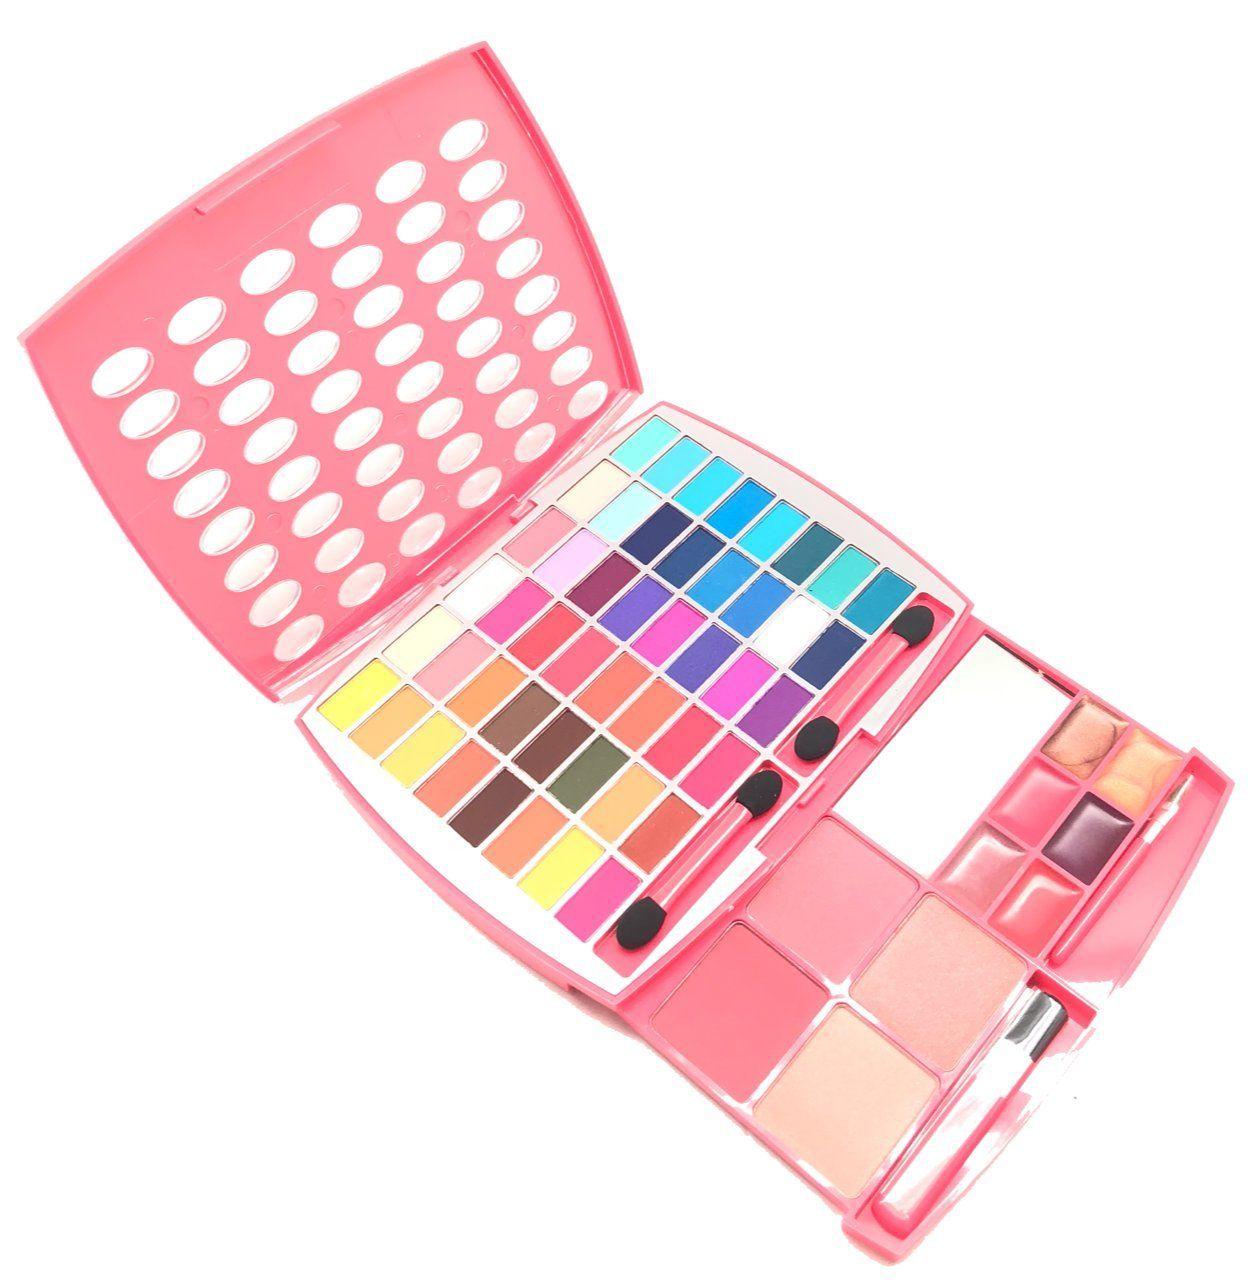 Br makeup kit glamur girl kit 48 eyeshadow 4 blush 6